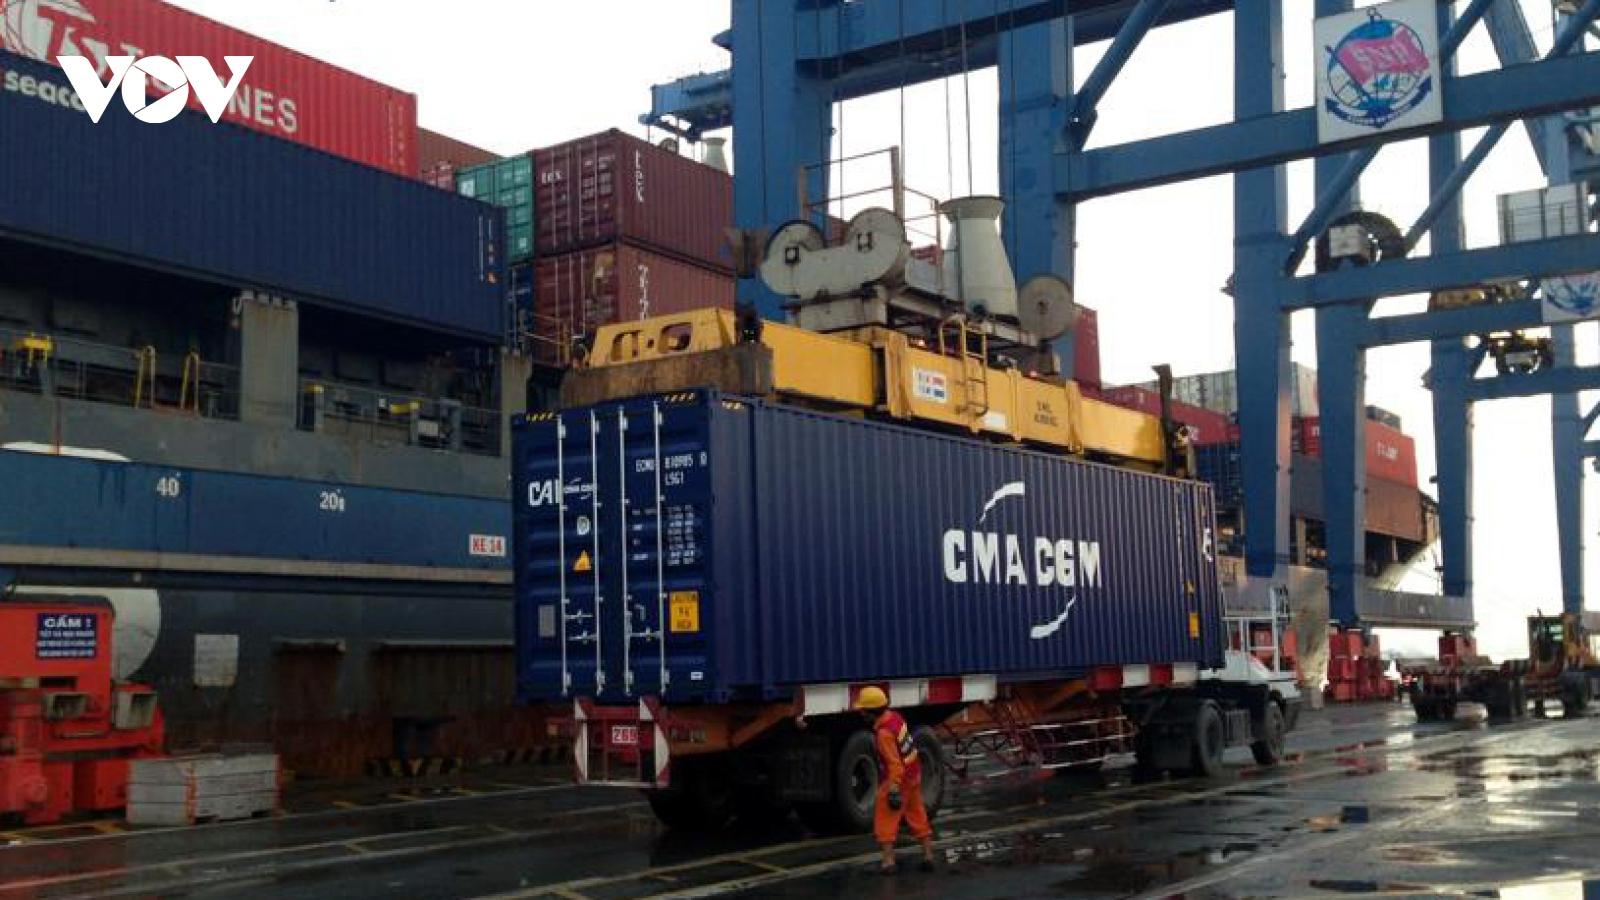 Hàng hóa qua cảng biển tháng 1 tăng cao kỷ lục